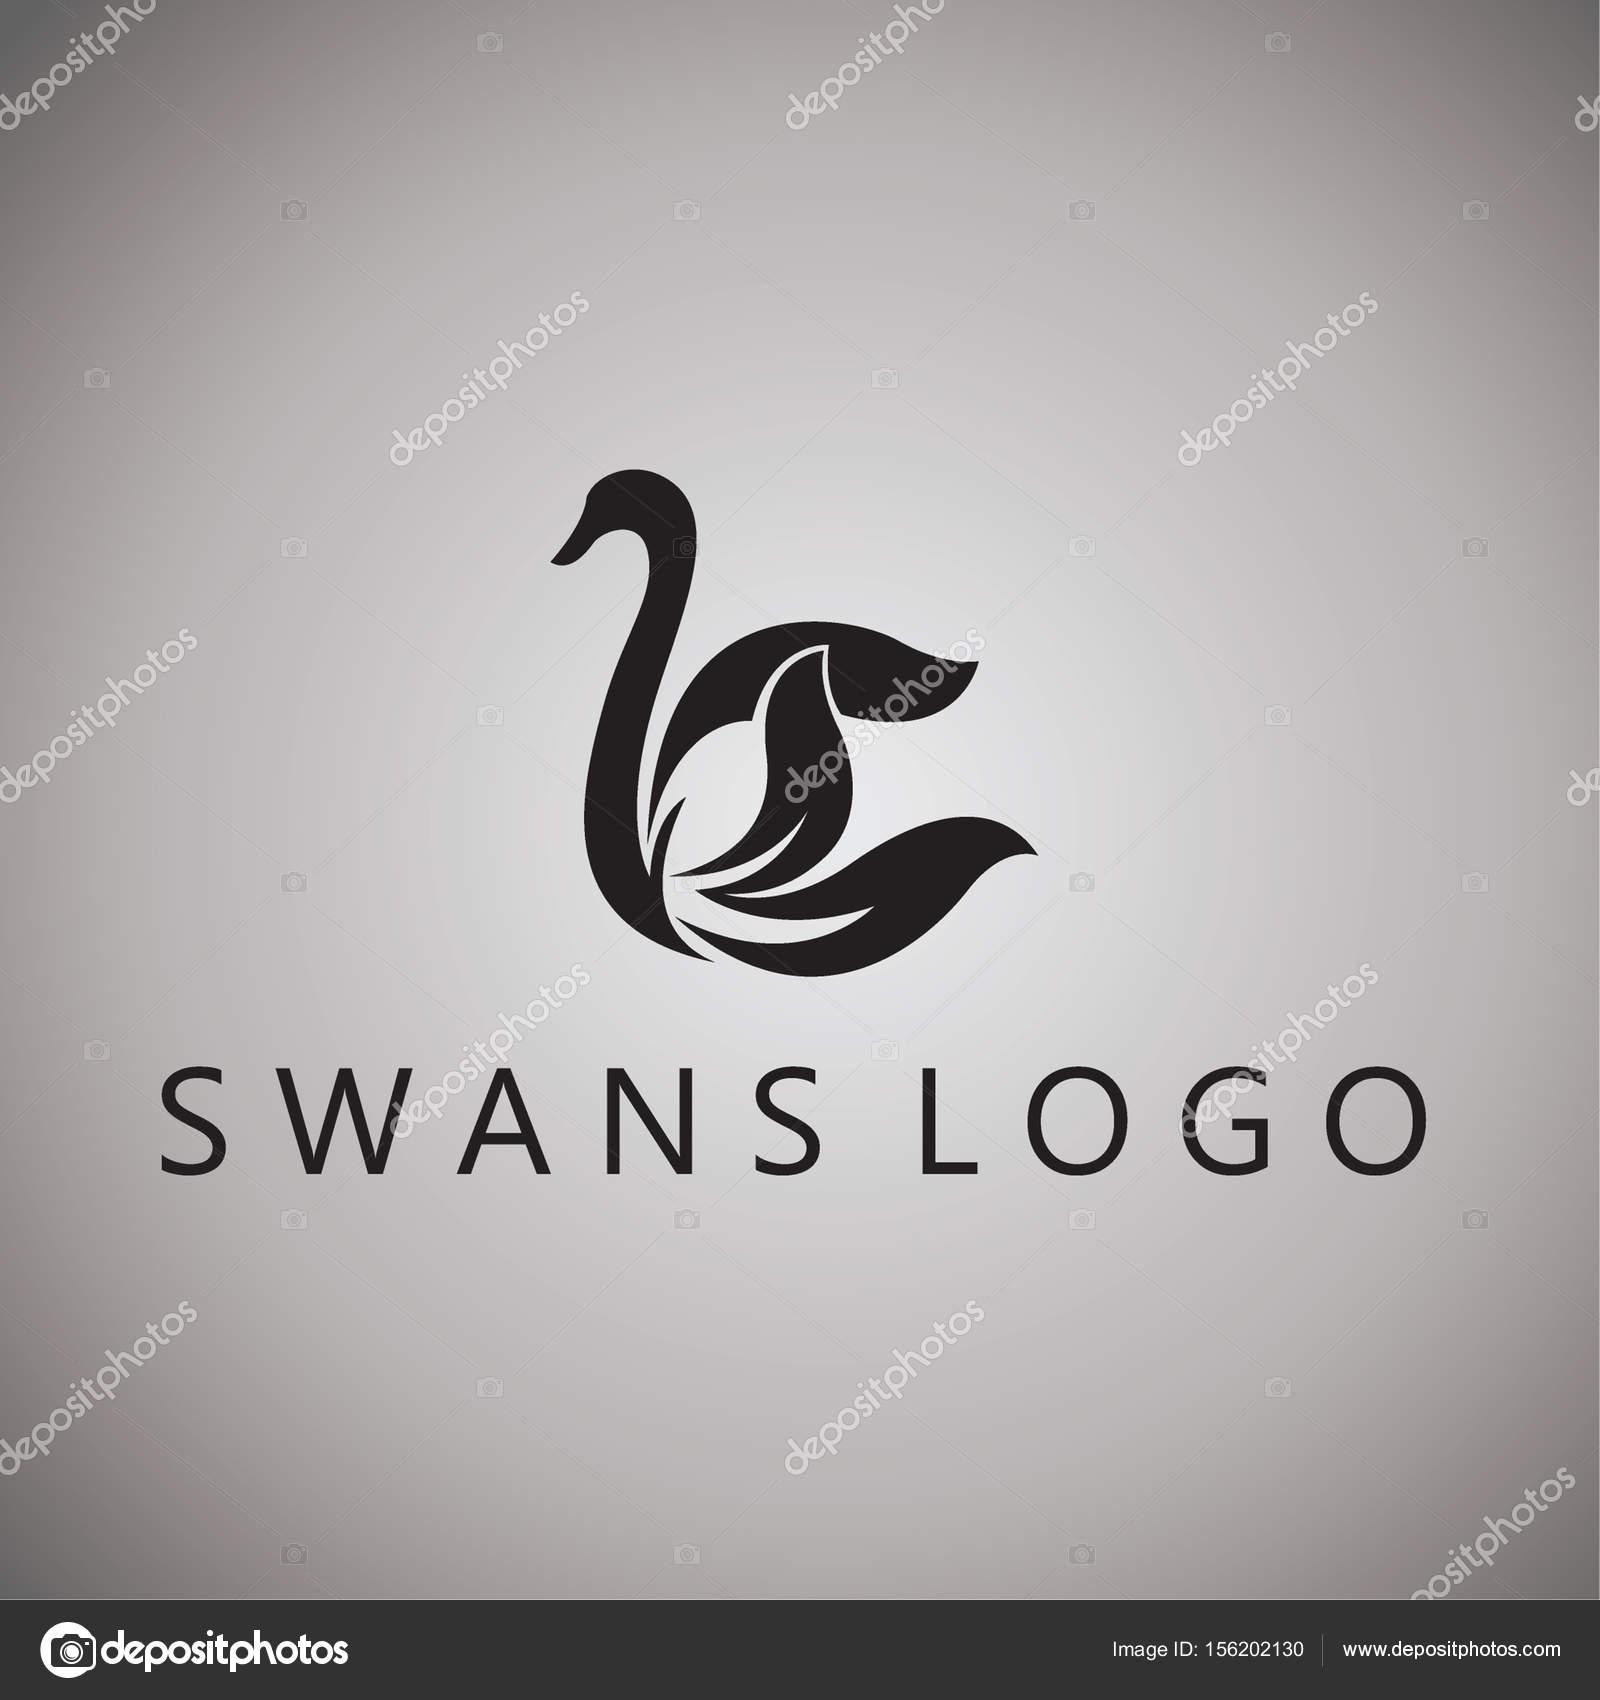 背景のベクトル イラストをデザインした白鳥のアイデア — ストック